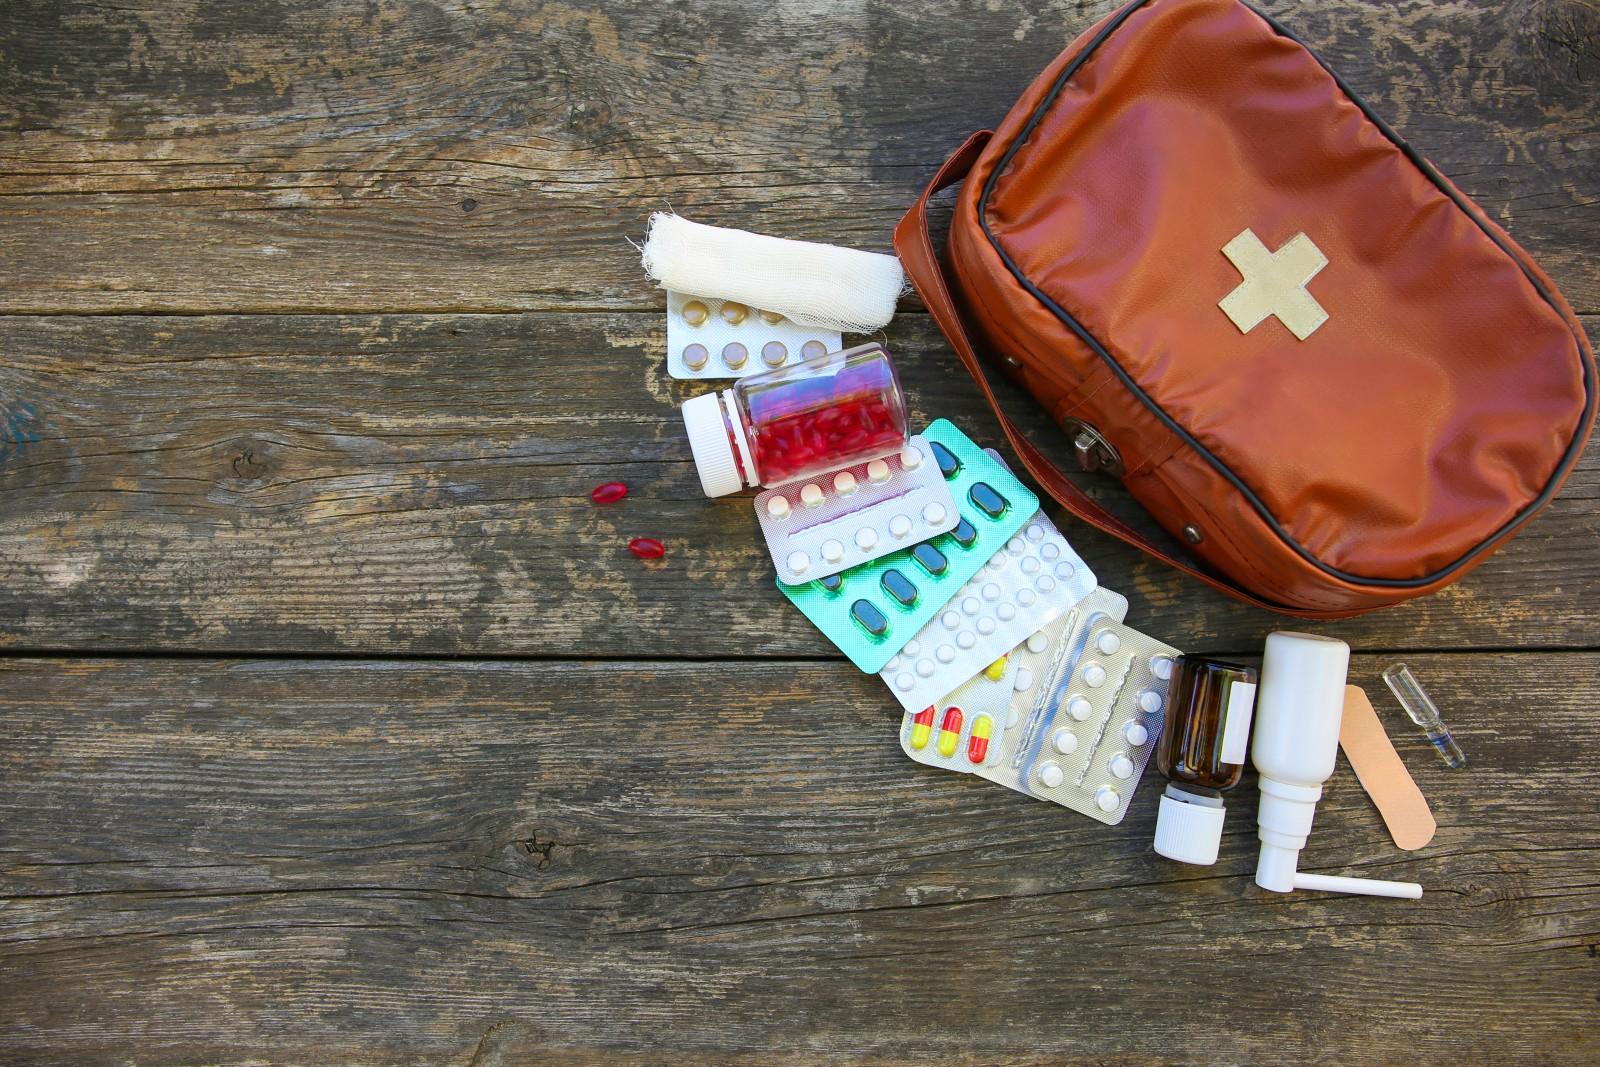 Neben Grundausstattung und individuellen Medikamenten sollte sich der Inhalt einer Reiseapotheke für die USA an Klimazone(n) und Gegebenheiten orientieren.